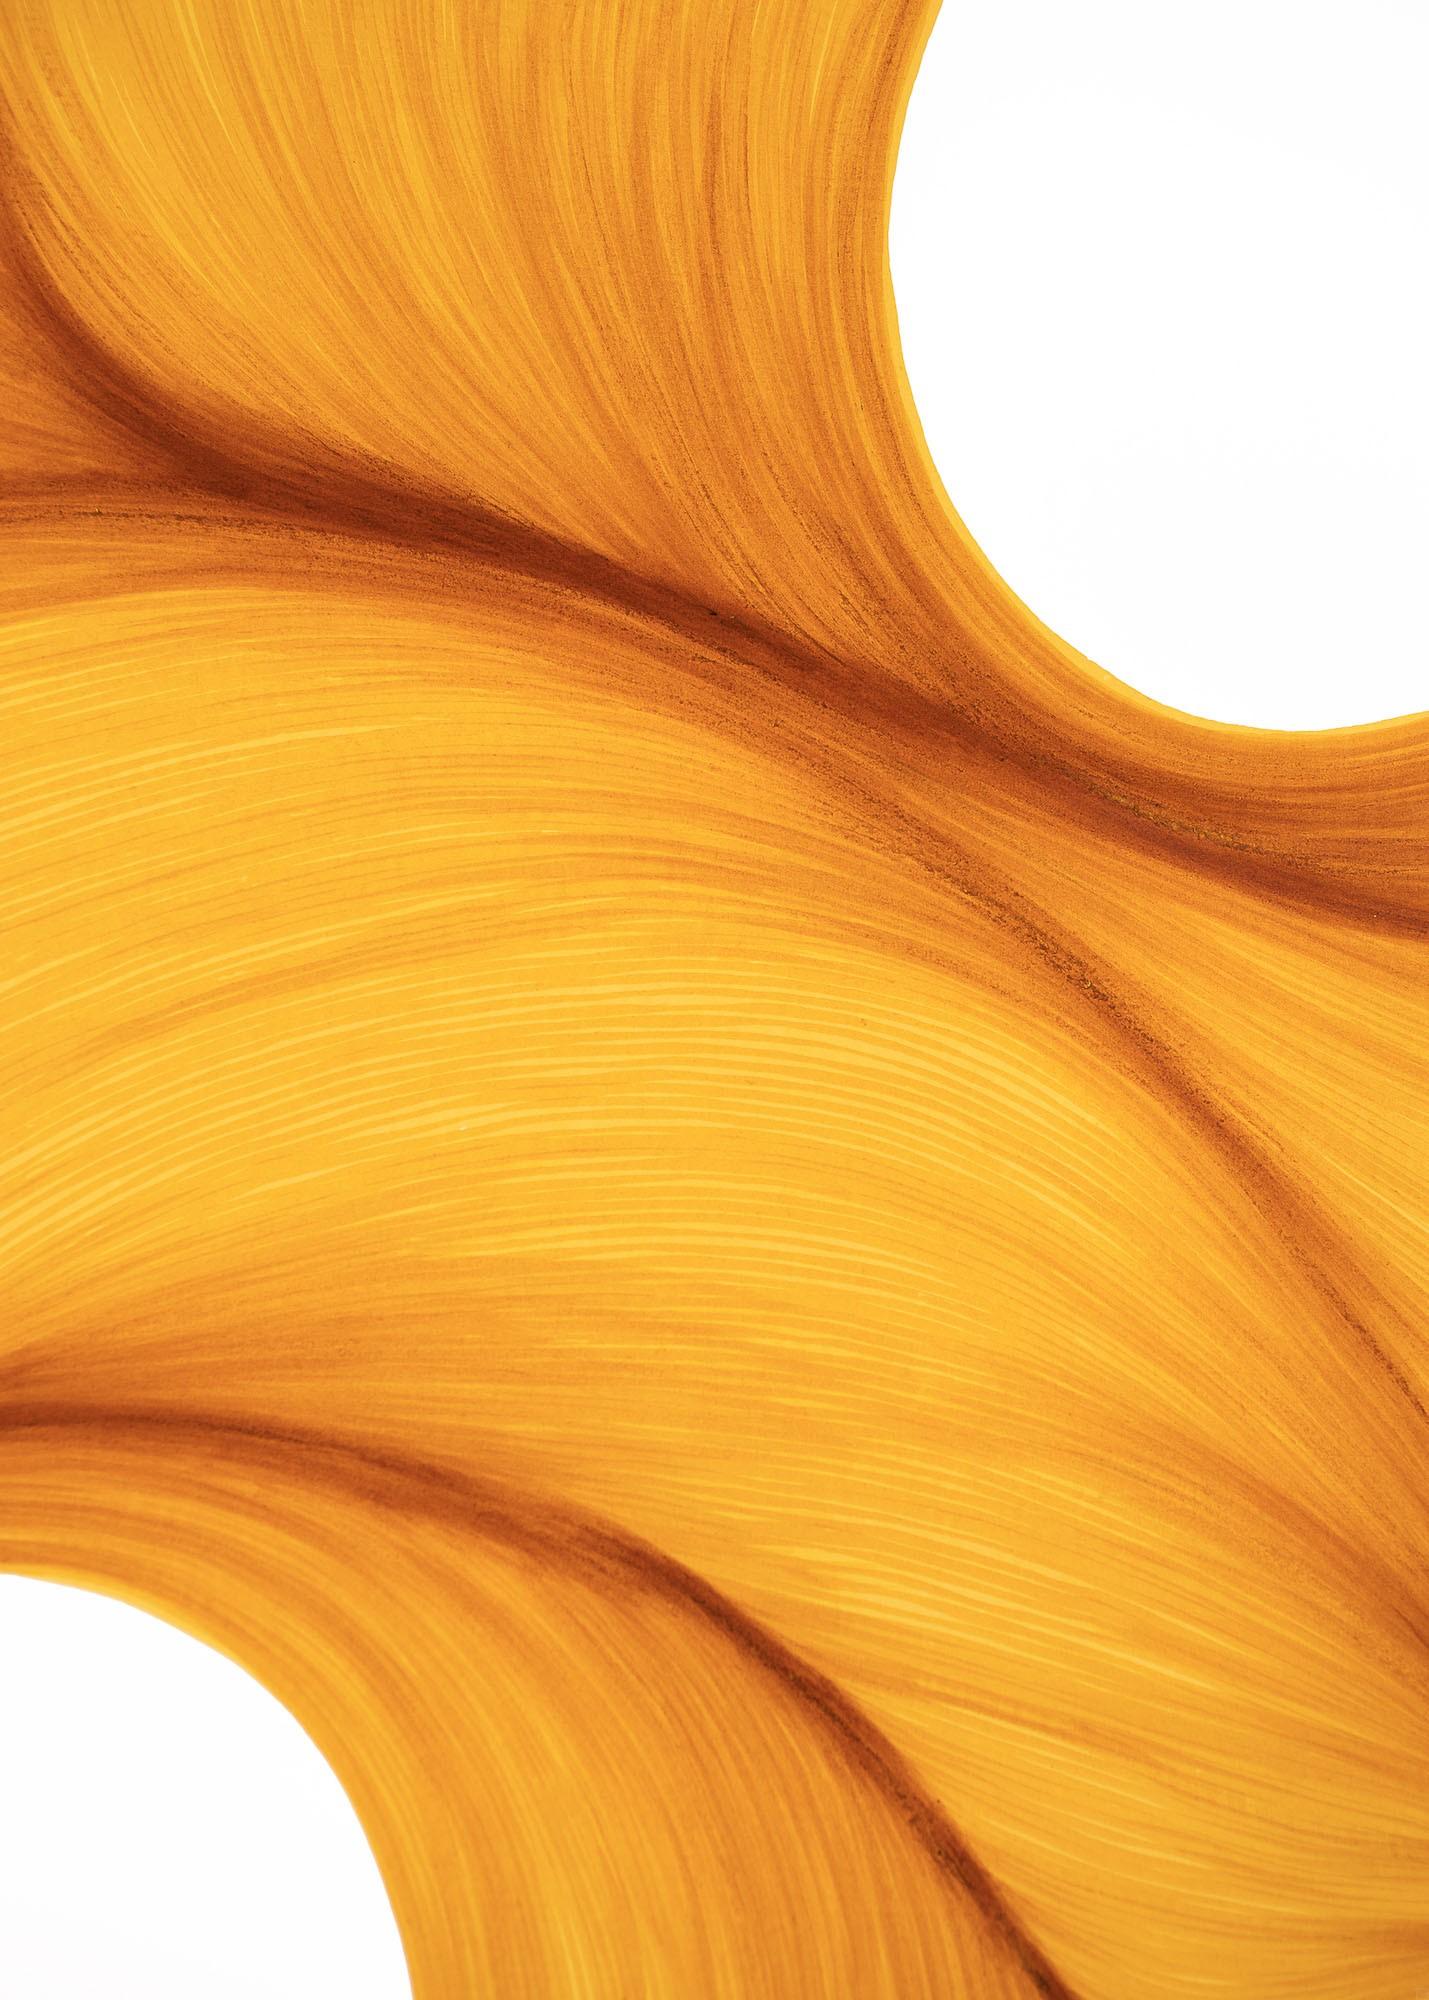 Sunlight Melt | Lali Torma | Zeichnung | Kalligraphie Tinte auf Papier - Detail